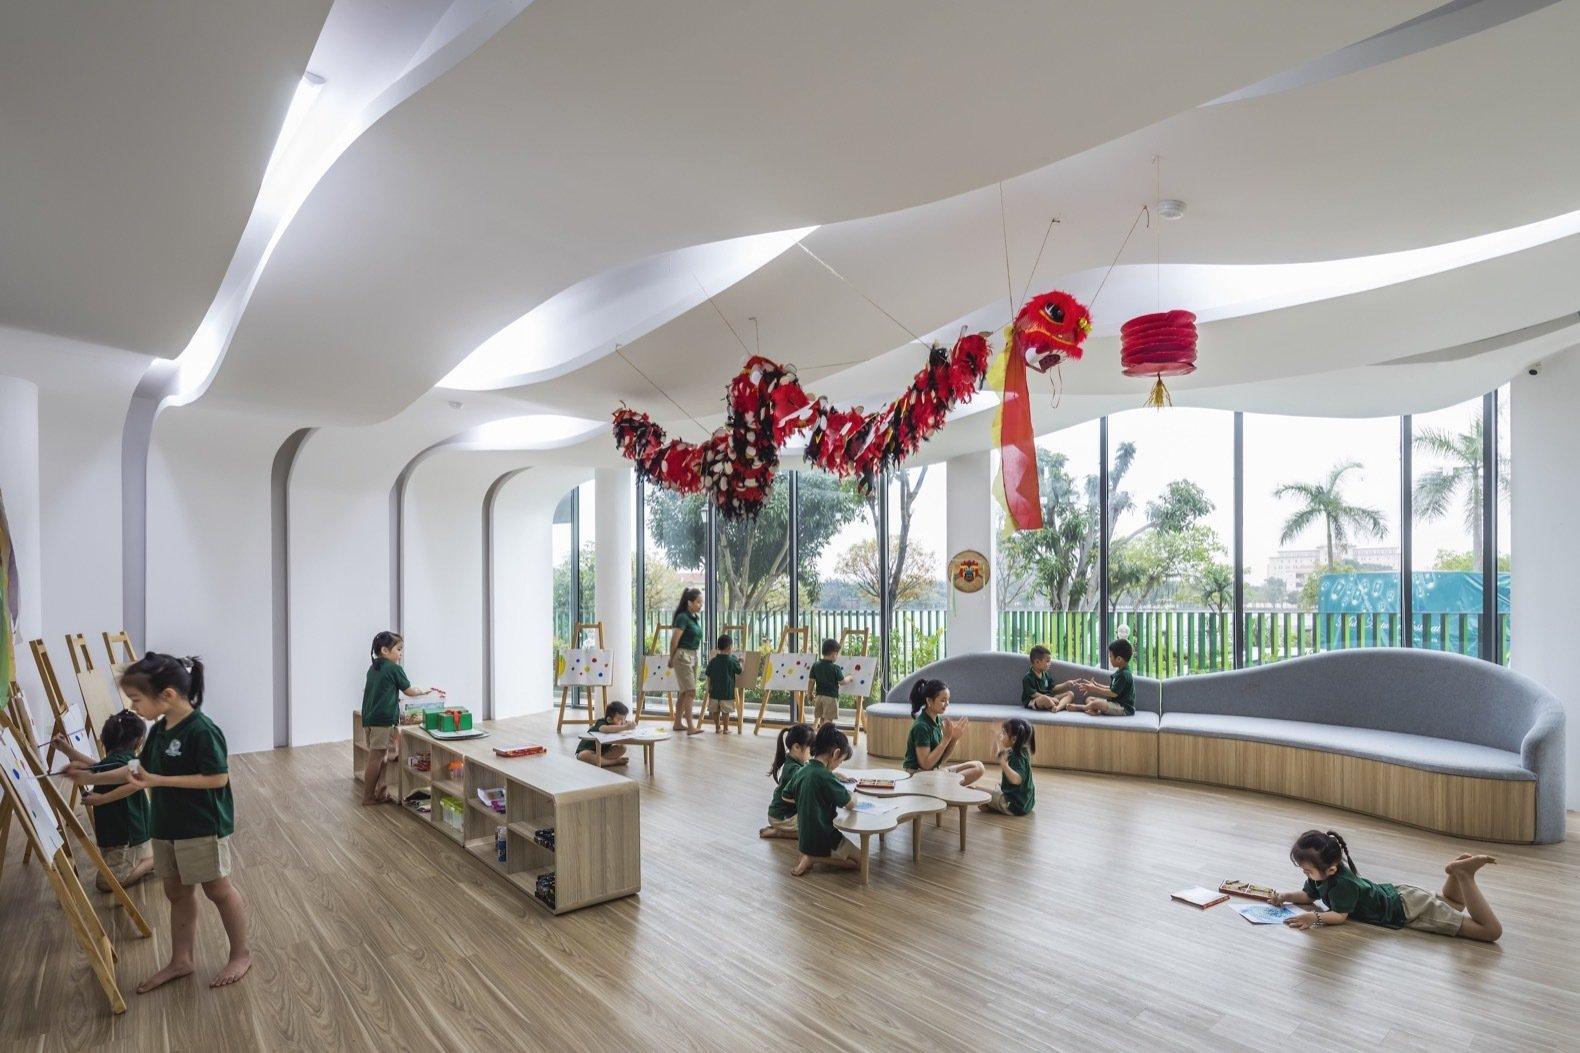 Eco Kindi classroom